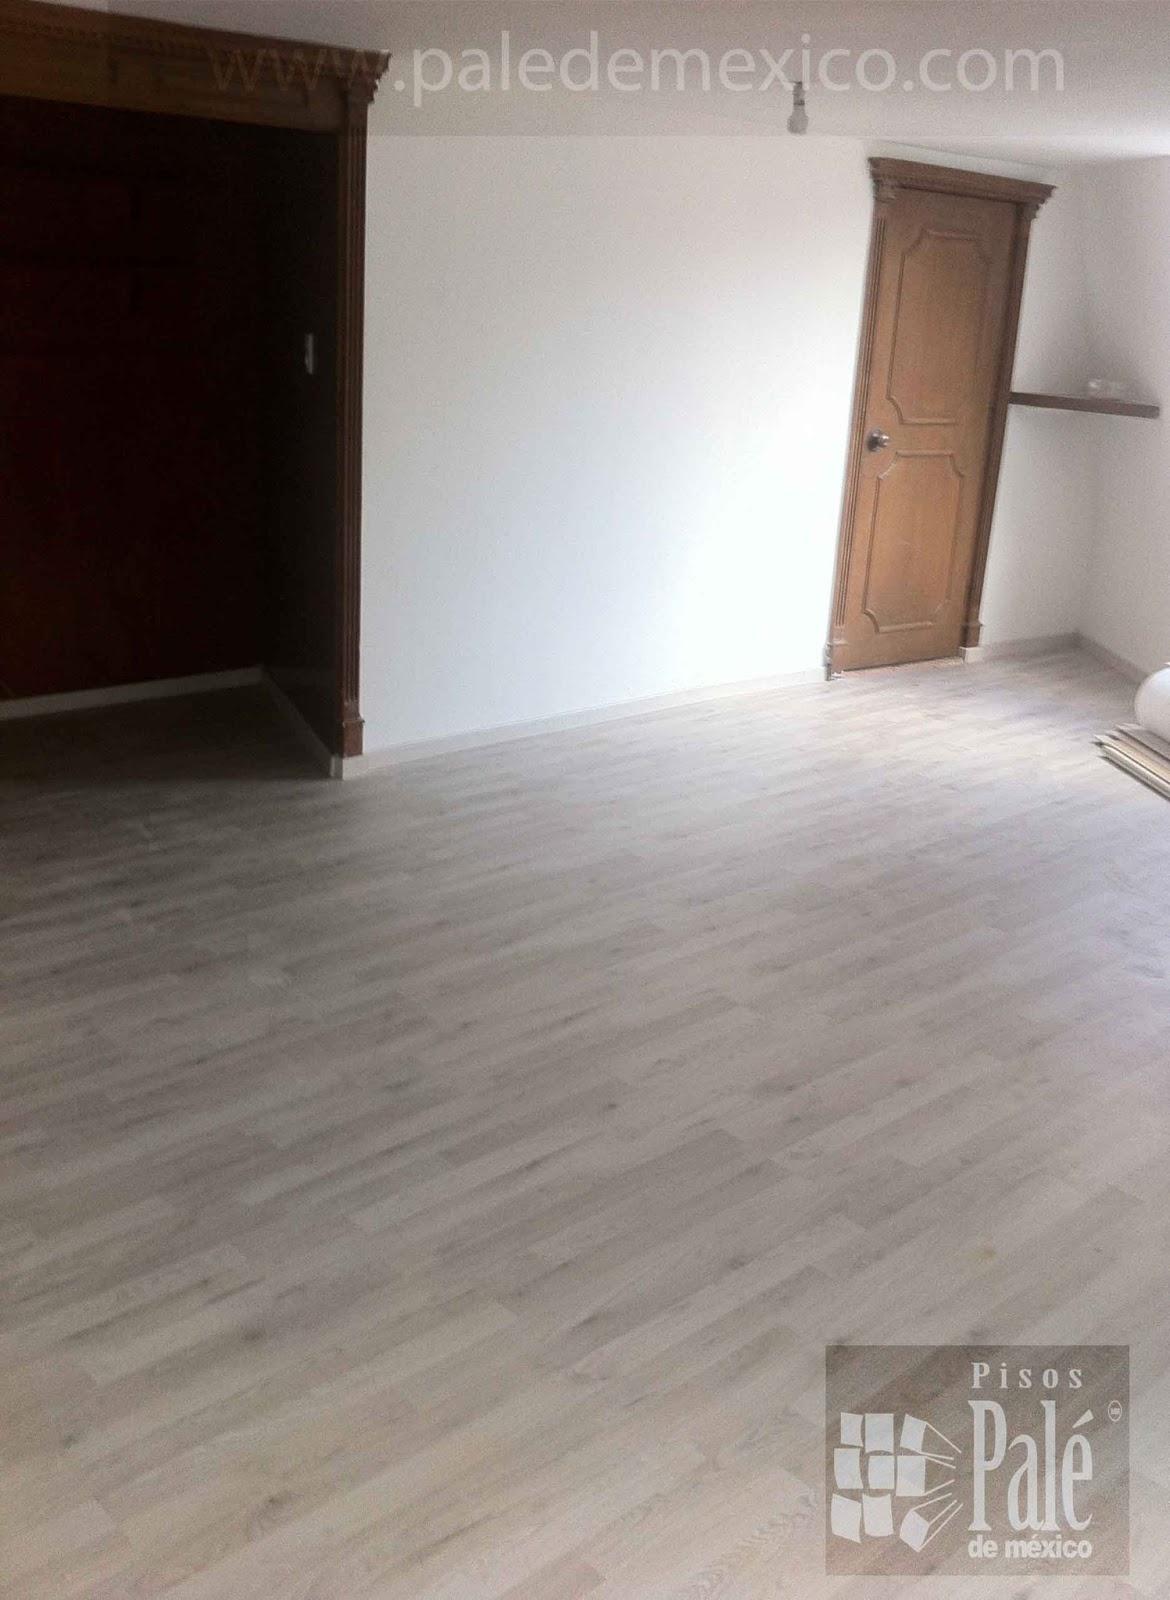 y el nuevo piso laminado es de color gris On piso laminado gris